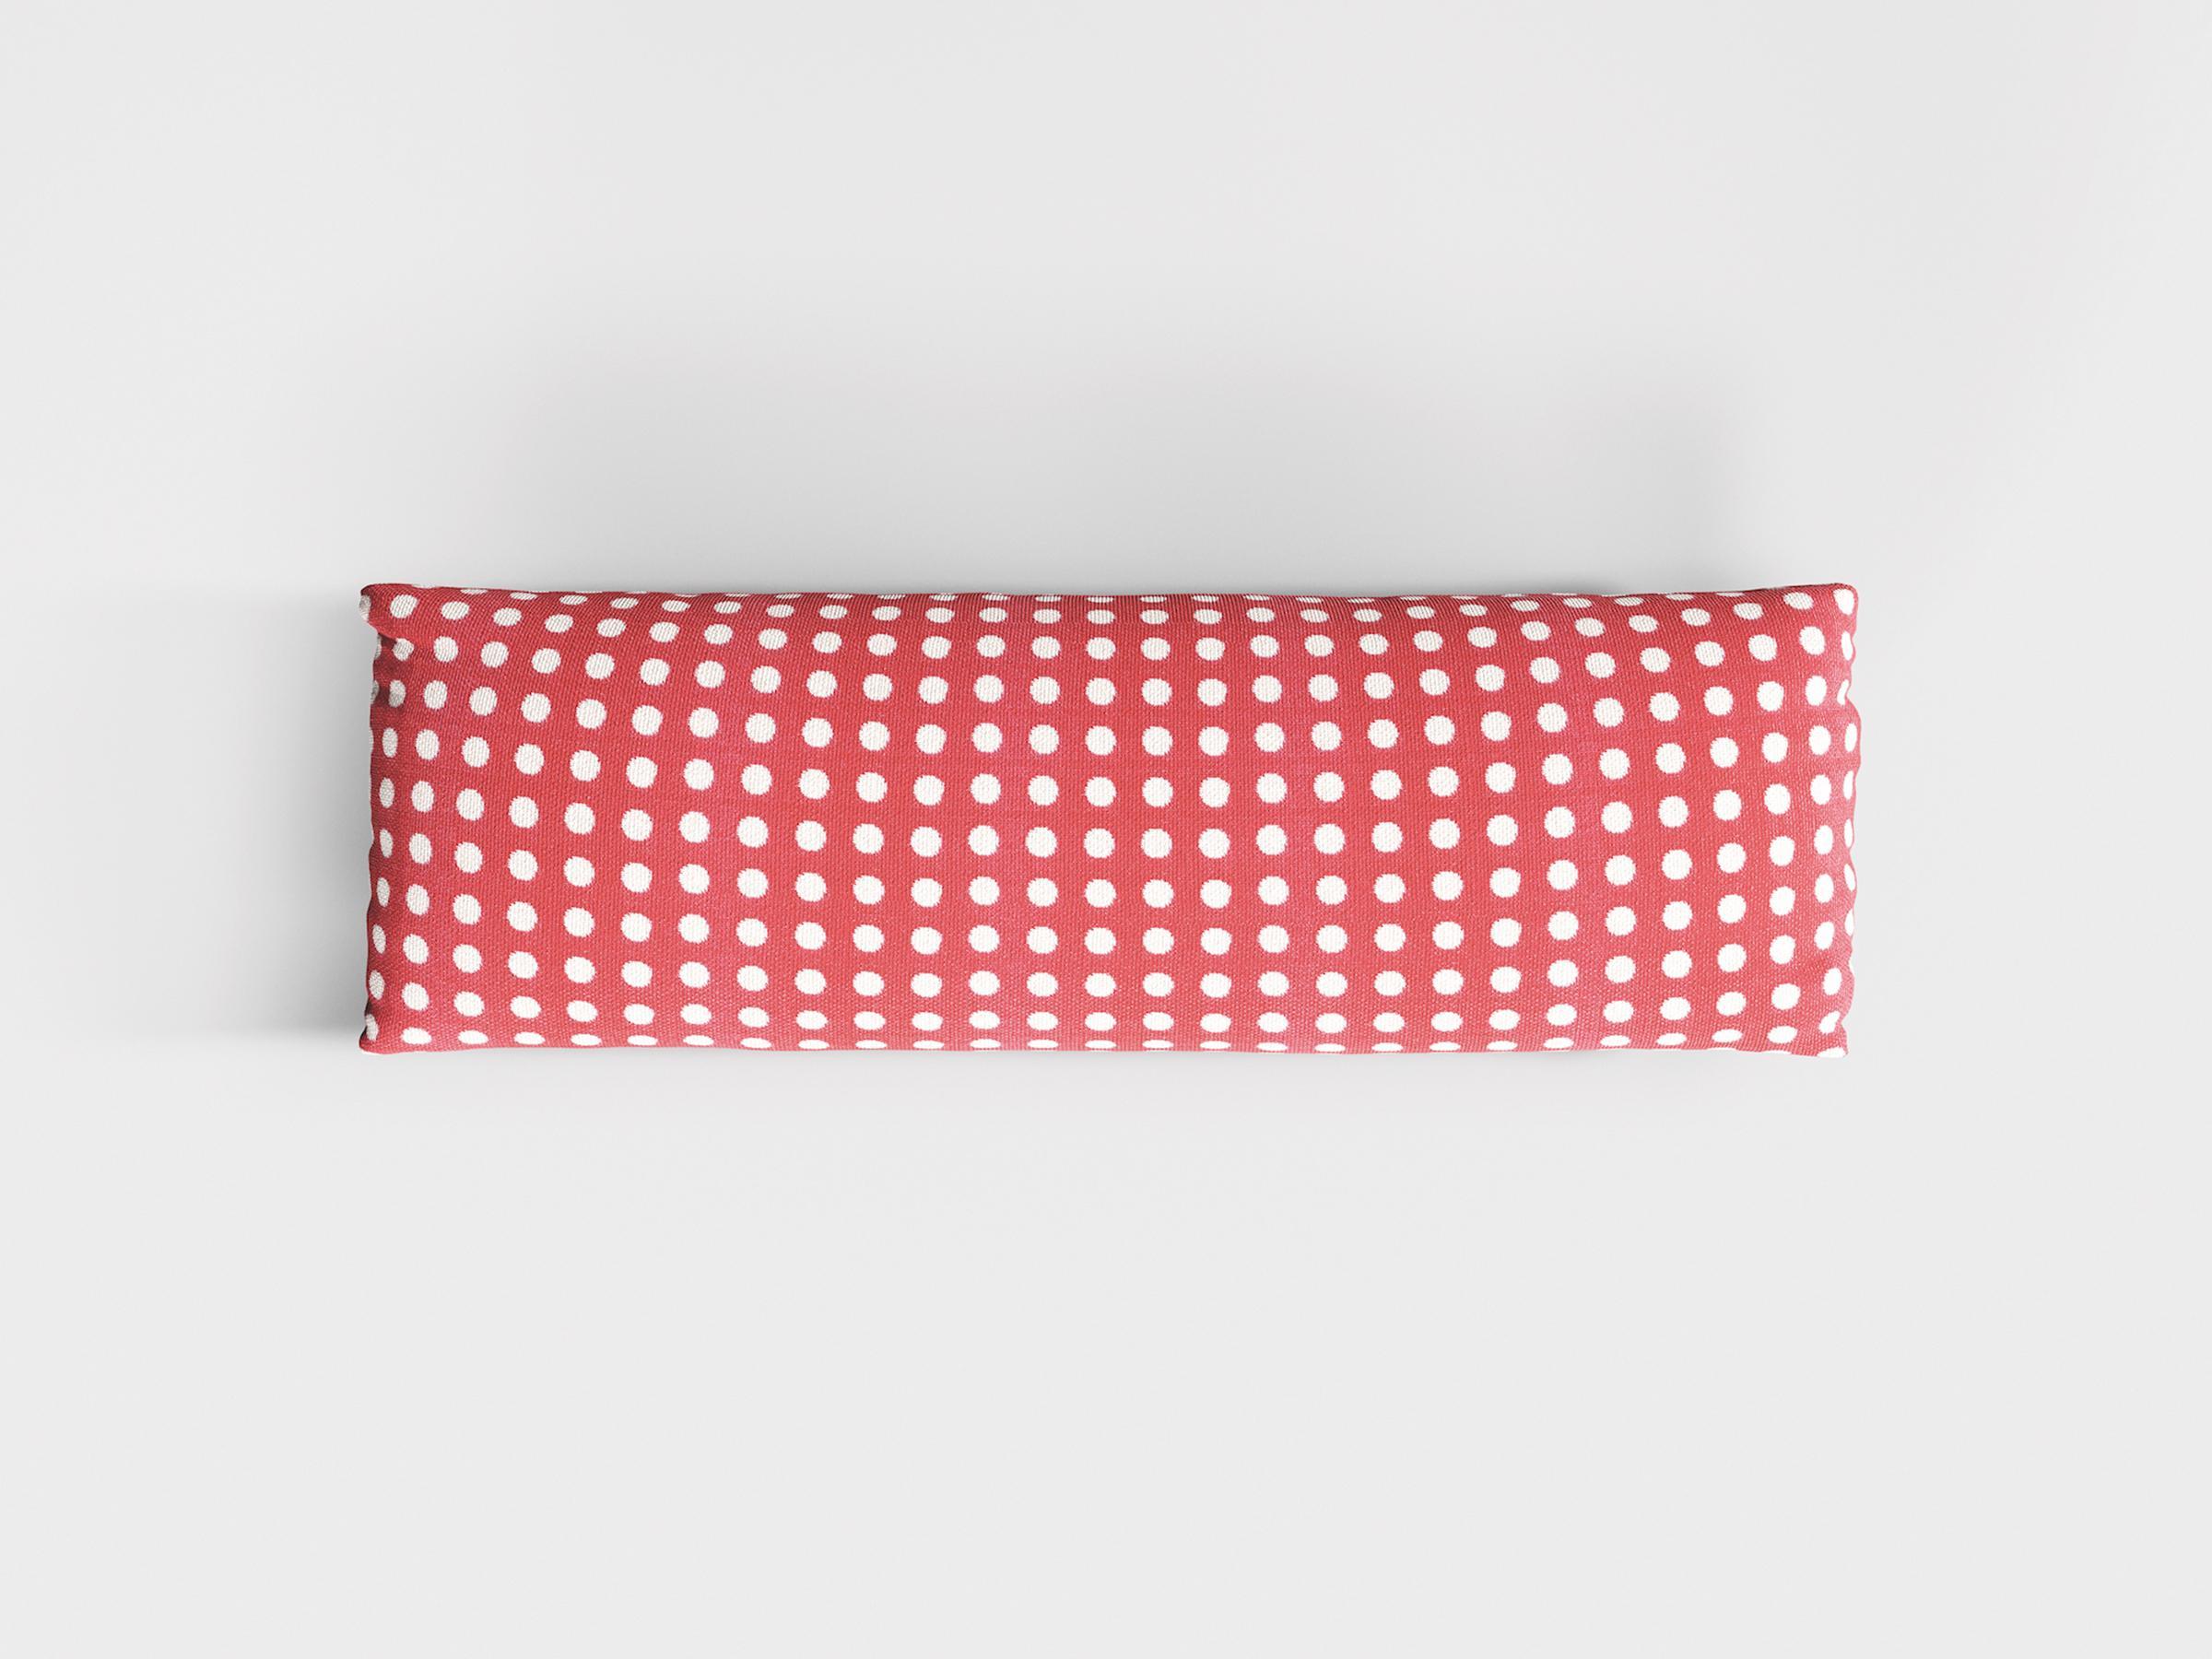 Terrain Fabric Cushion 55x17